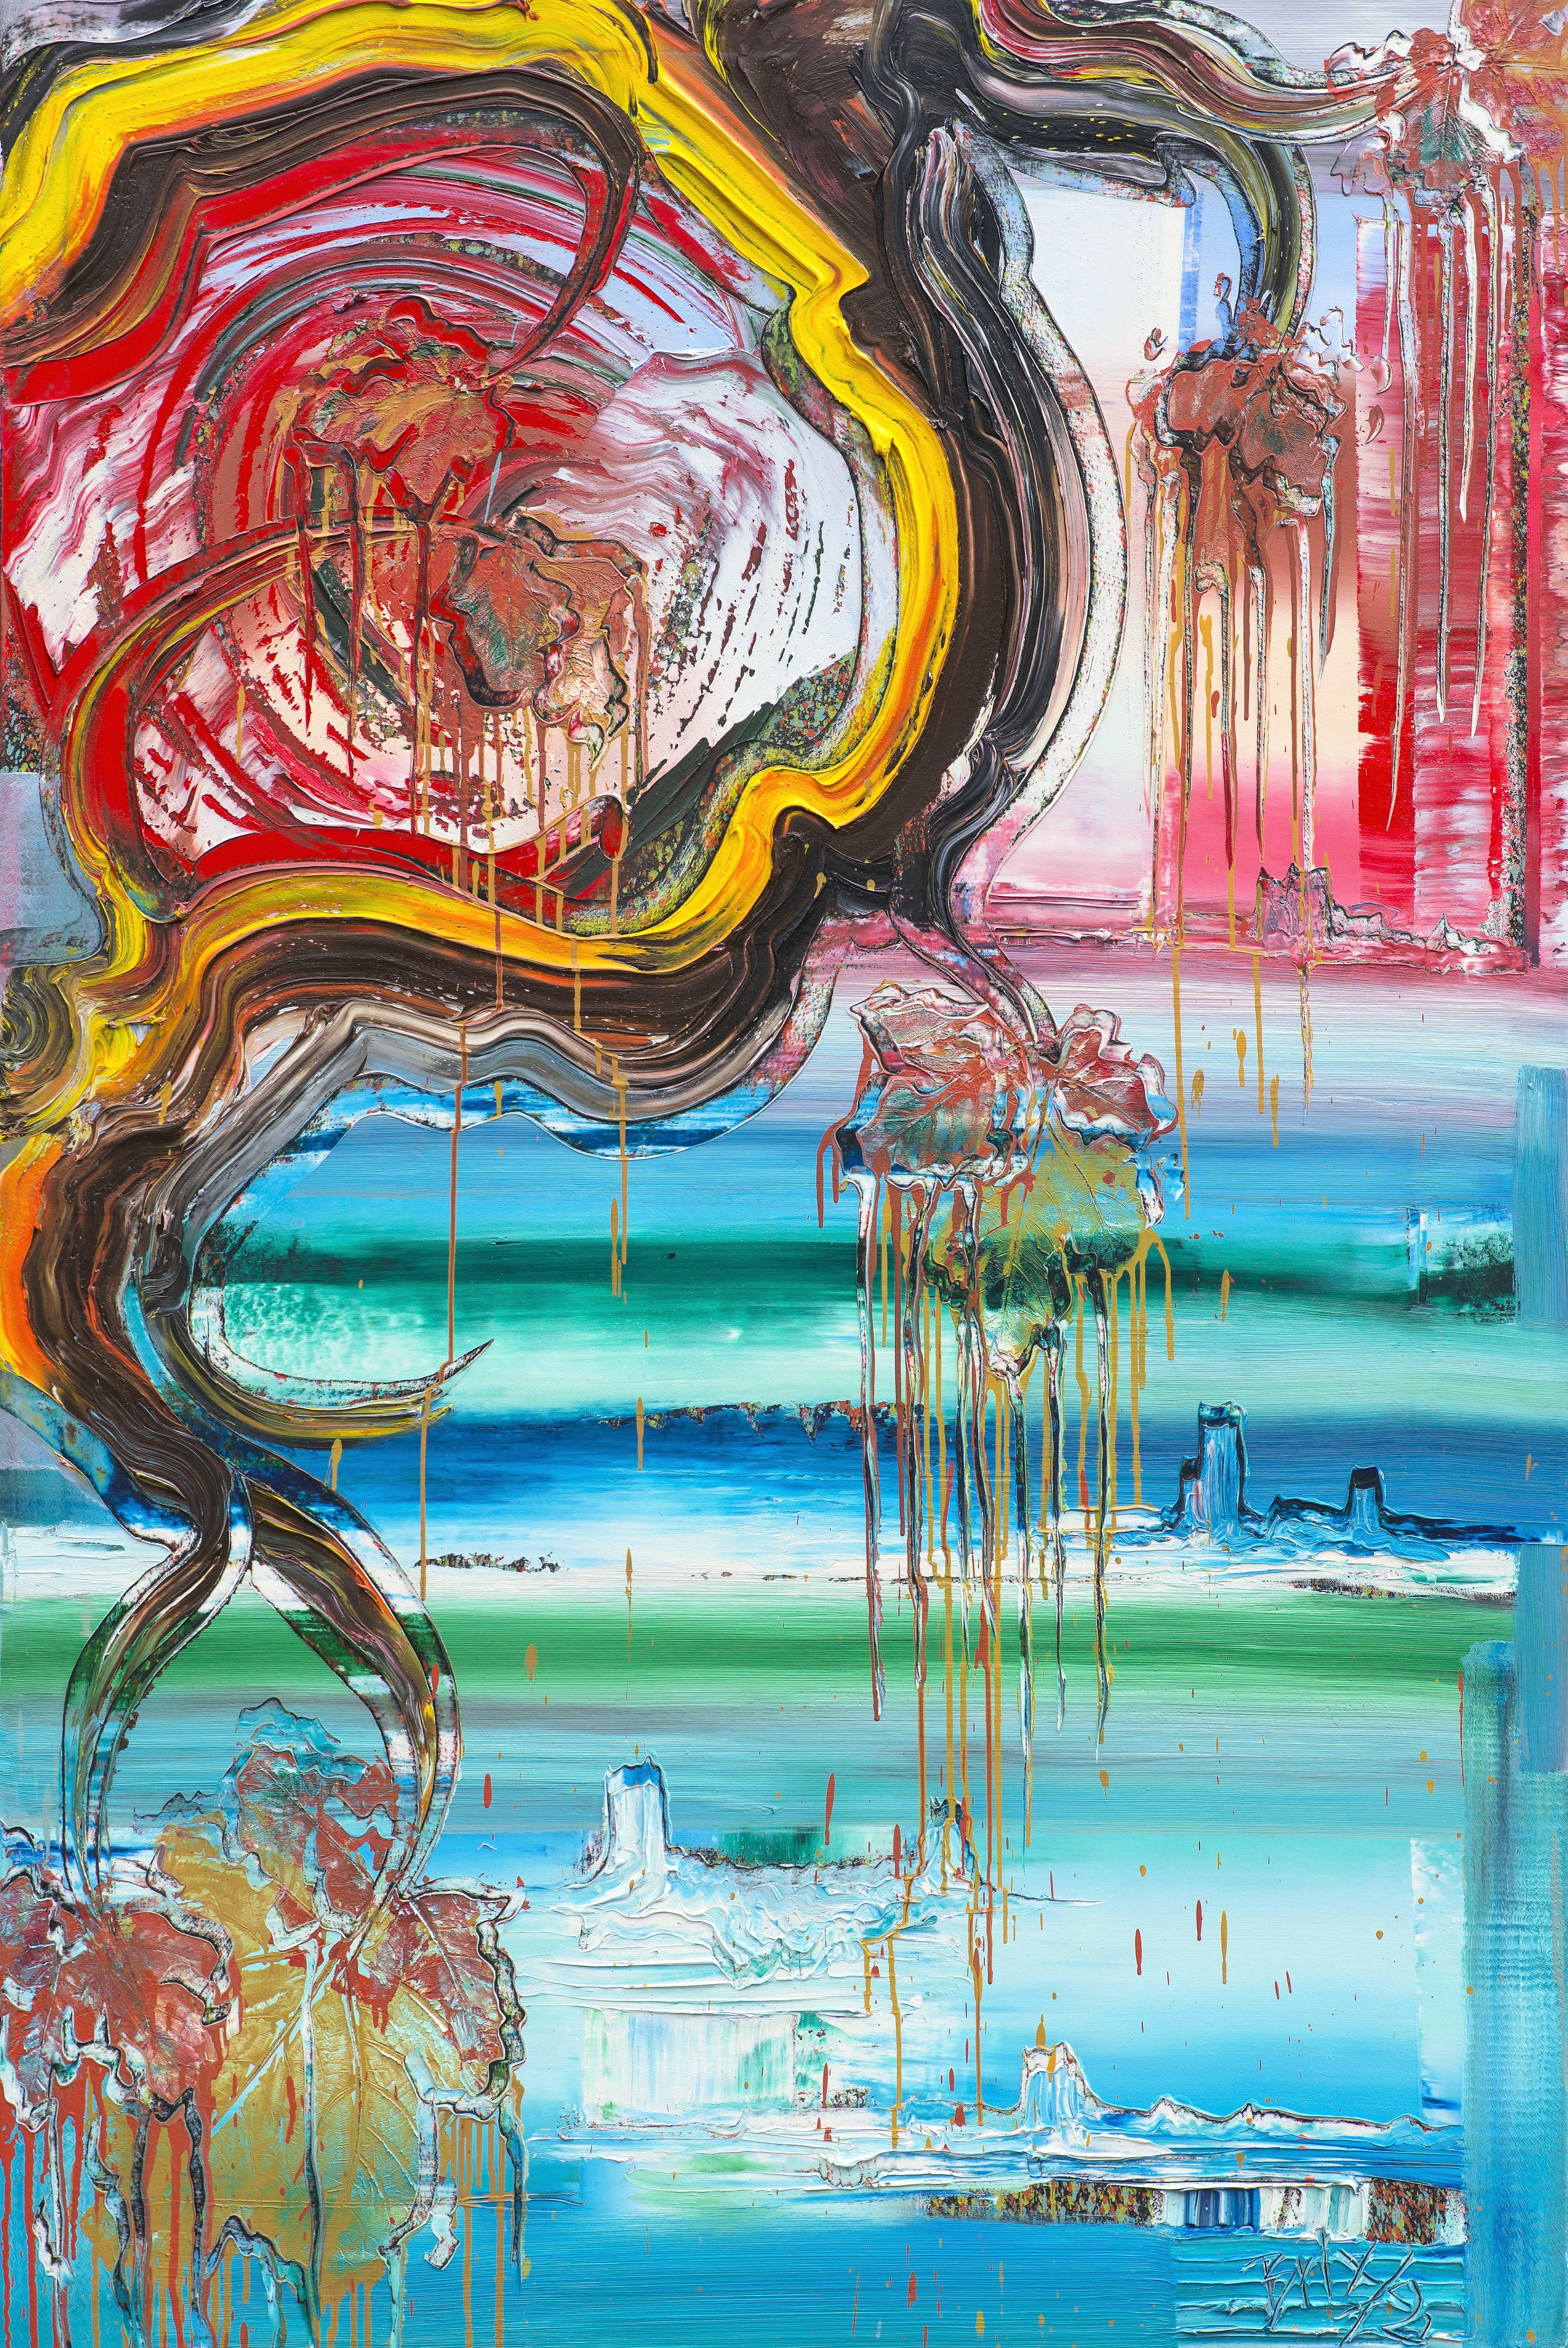 brixy horizon moderne kunst 2018 180x120 oil canvas gemalde zeitgenossische bilder auf leinwand modern mona lisa